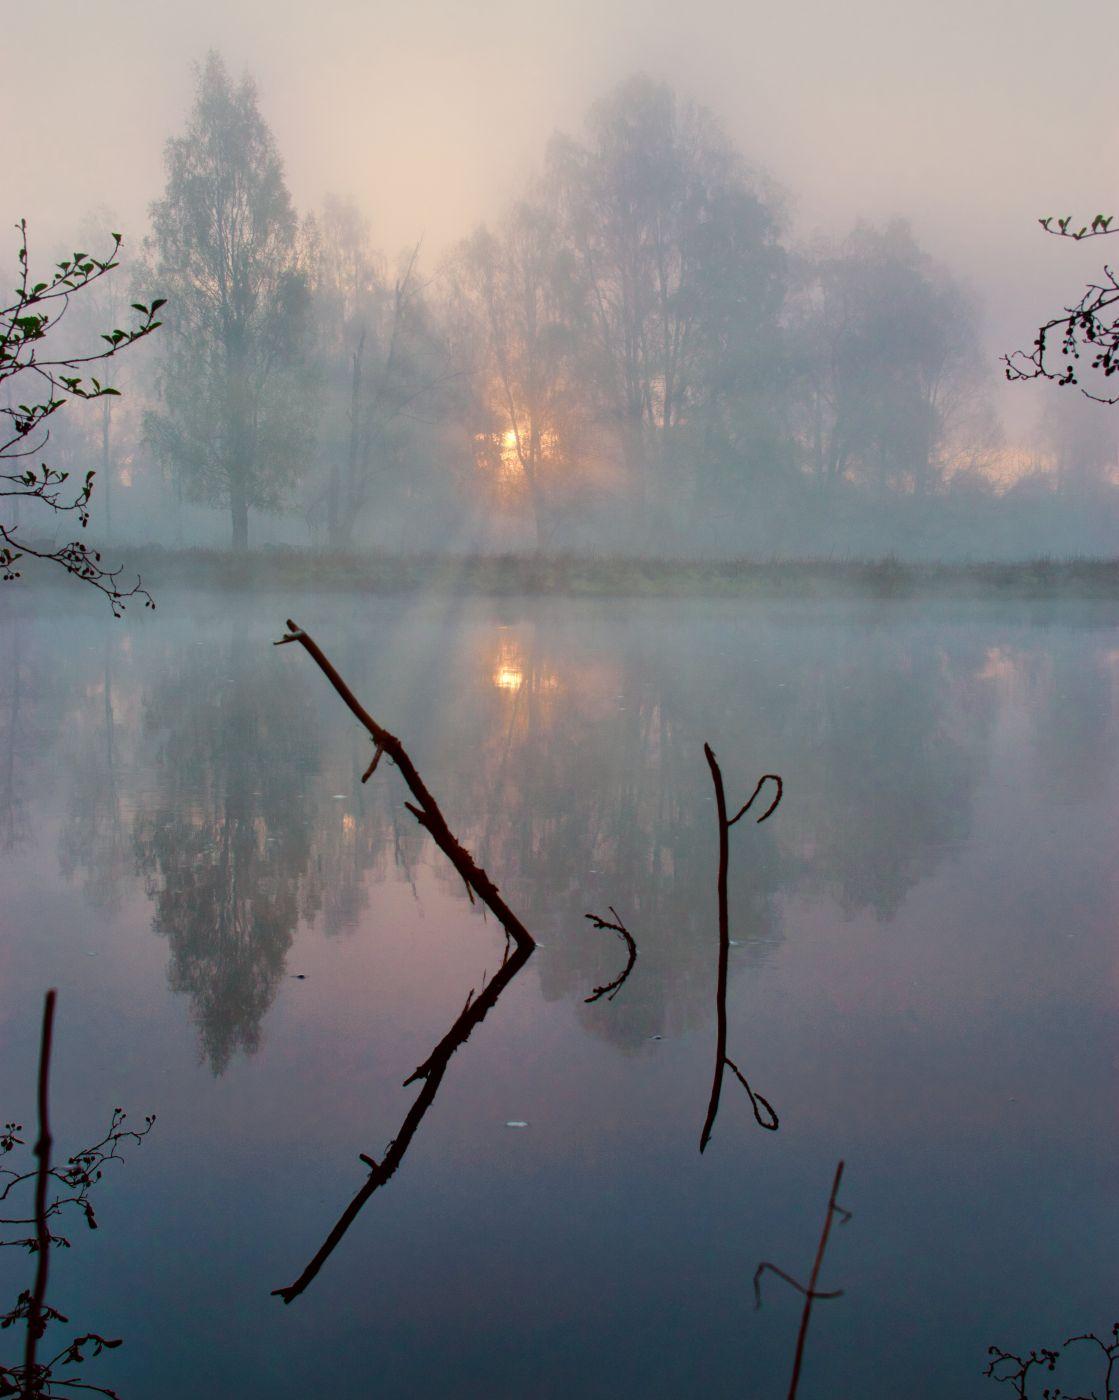 fog over the river, Sweden